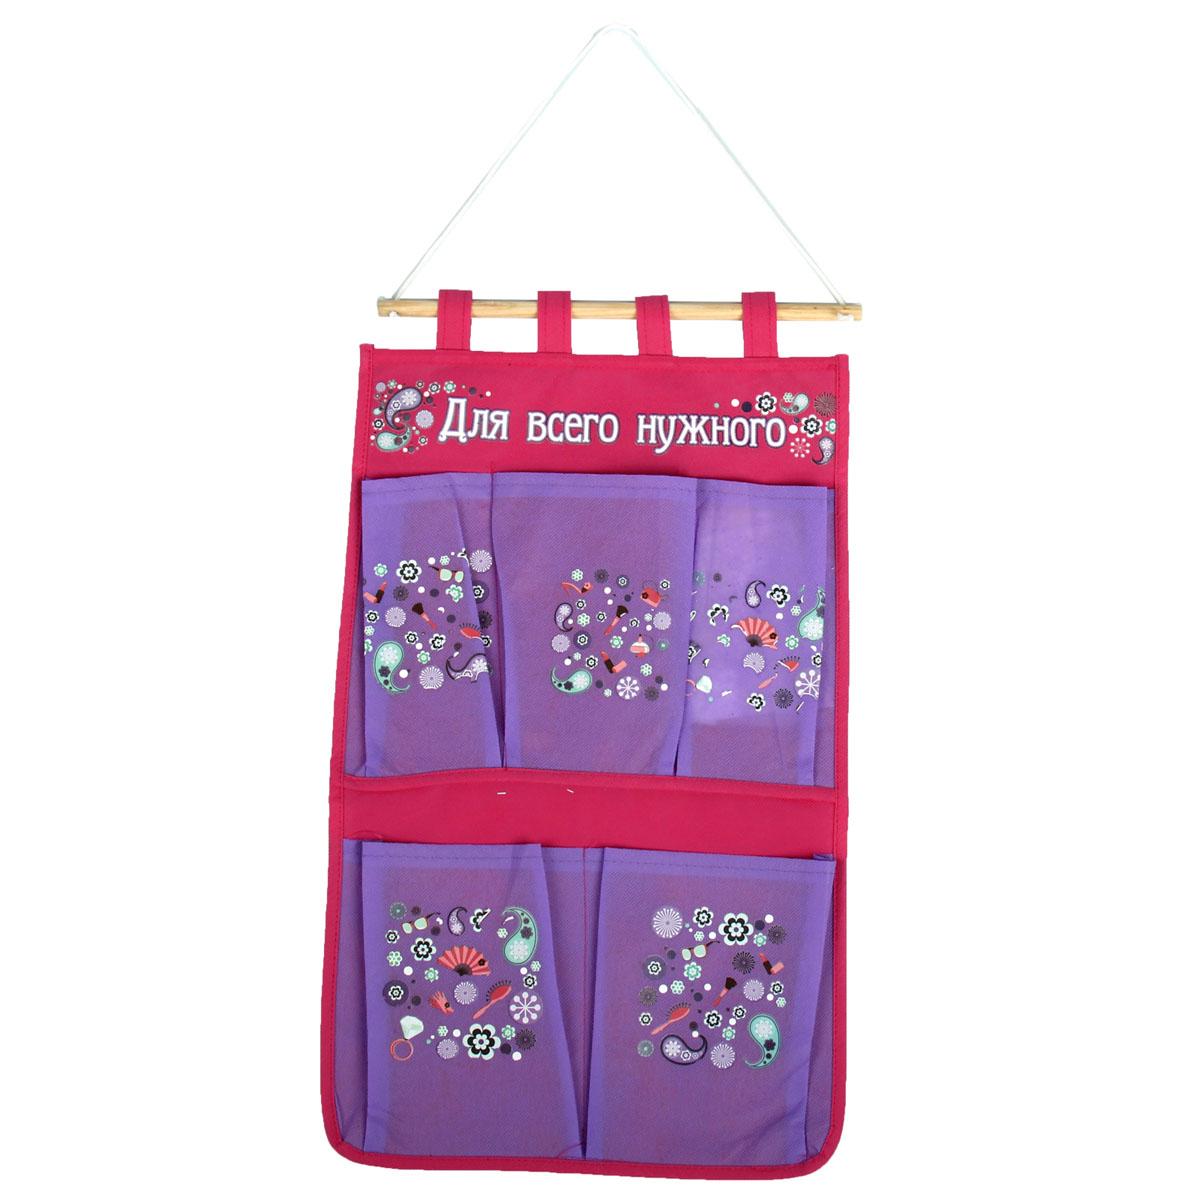 Кармашки на стену Sima-land Для всего нужного, цвет: фиолетовый, 5 шт16050Кармашки на стену Sima-land Для всего нужного, изготовленные из текстиля, предназначены для хранения необходимых вещей, множества мелочей в гардеробной, ванной, детской комнатах. Изделие представляет собой текстильное полотно с 5 пришитыми кармашками. Благодаря деревянной планке и шнурку, кармашки можно подвесить на стену или дверь в необходимом для вас месте.Кармашки декорированы изображениями женских различных аксессуаров и цветов.Этот нужный предмет может стать одновременно и декоративным элементом комнаты. Яркий дизайн, как ничто иное, способен оживить интерьер вашего дома.